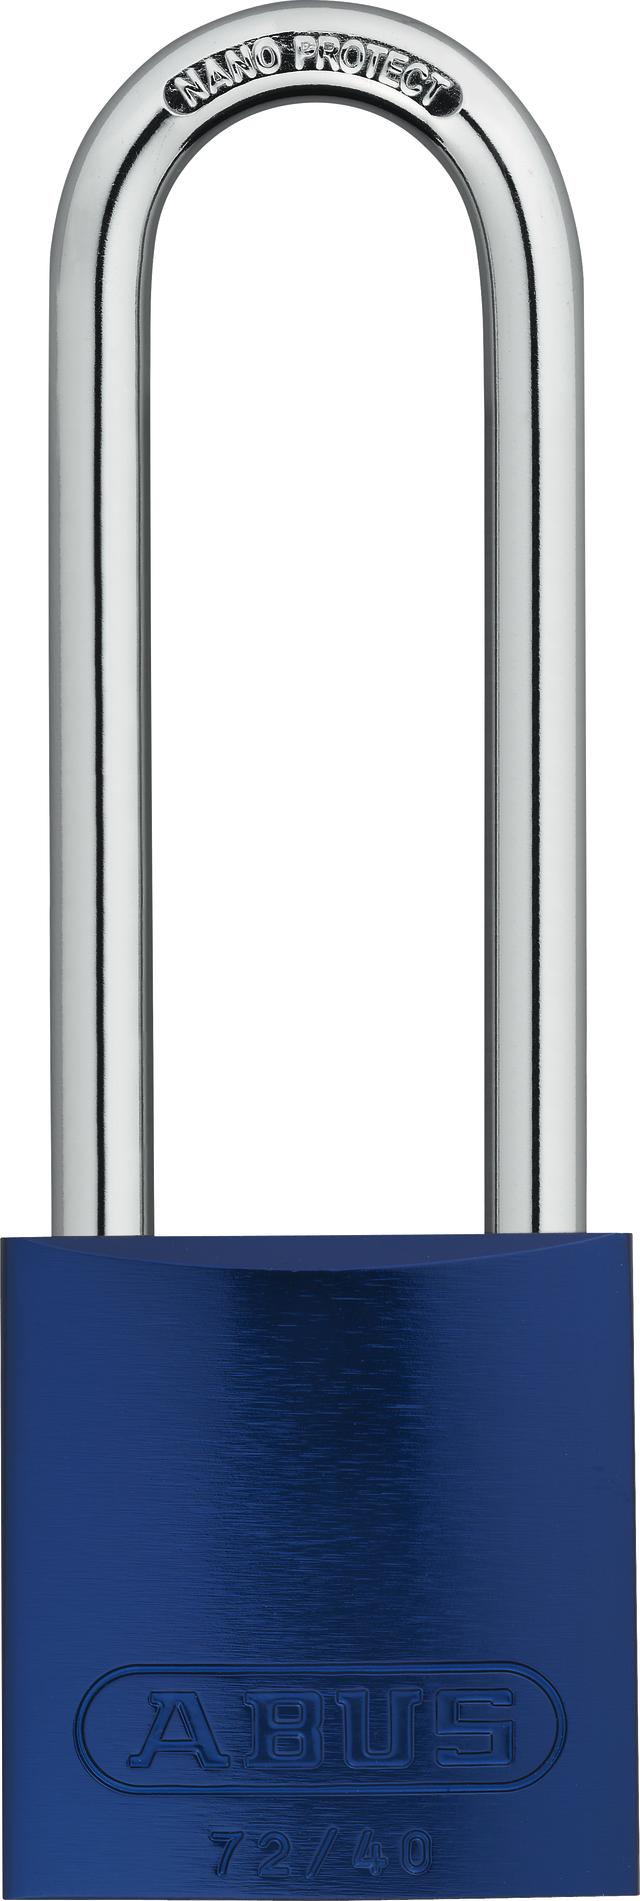 Vorhangschloss Aluminium 72/40HB75 blau